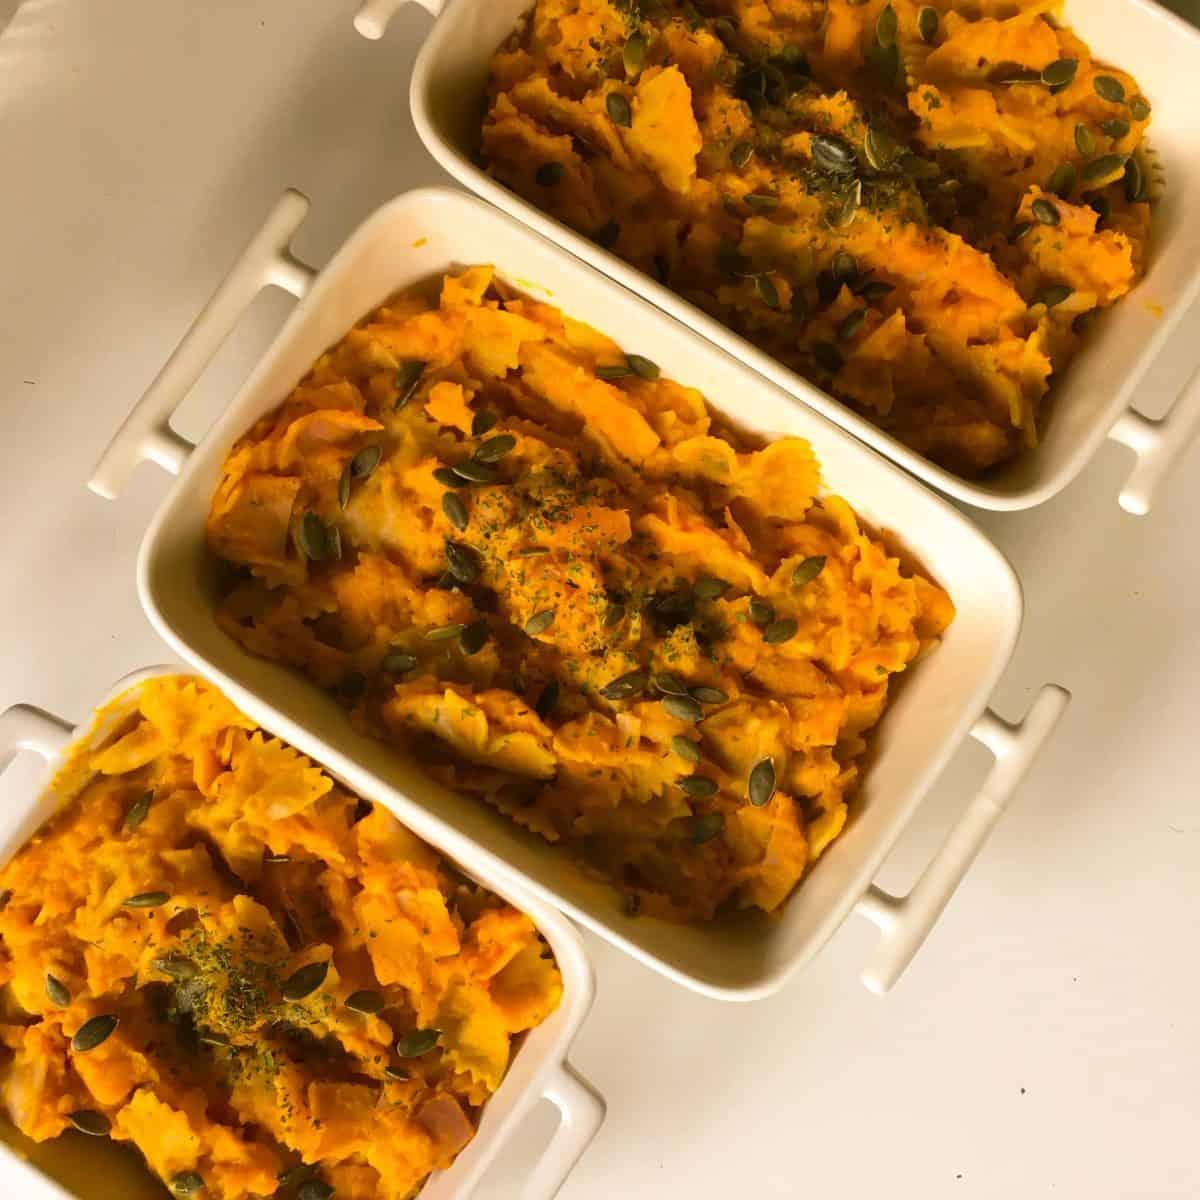 Foto van het recept pompoen macaroni